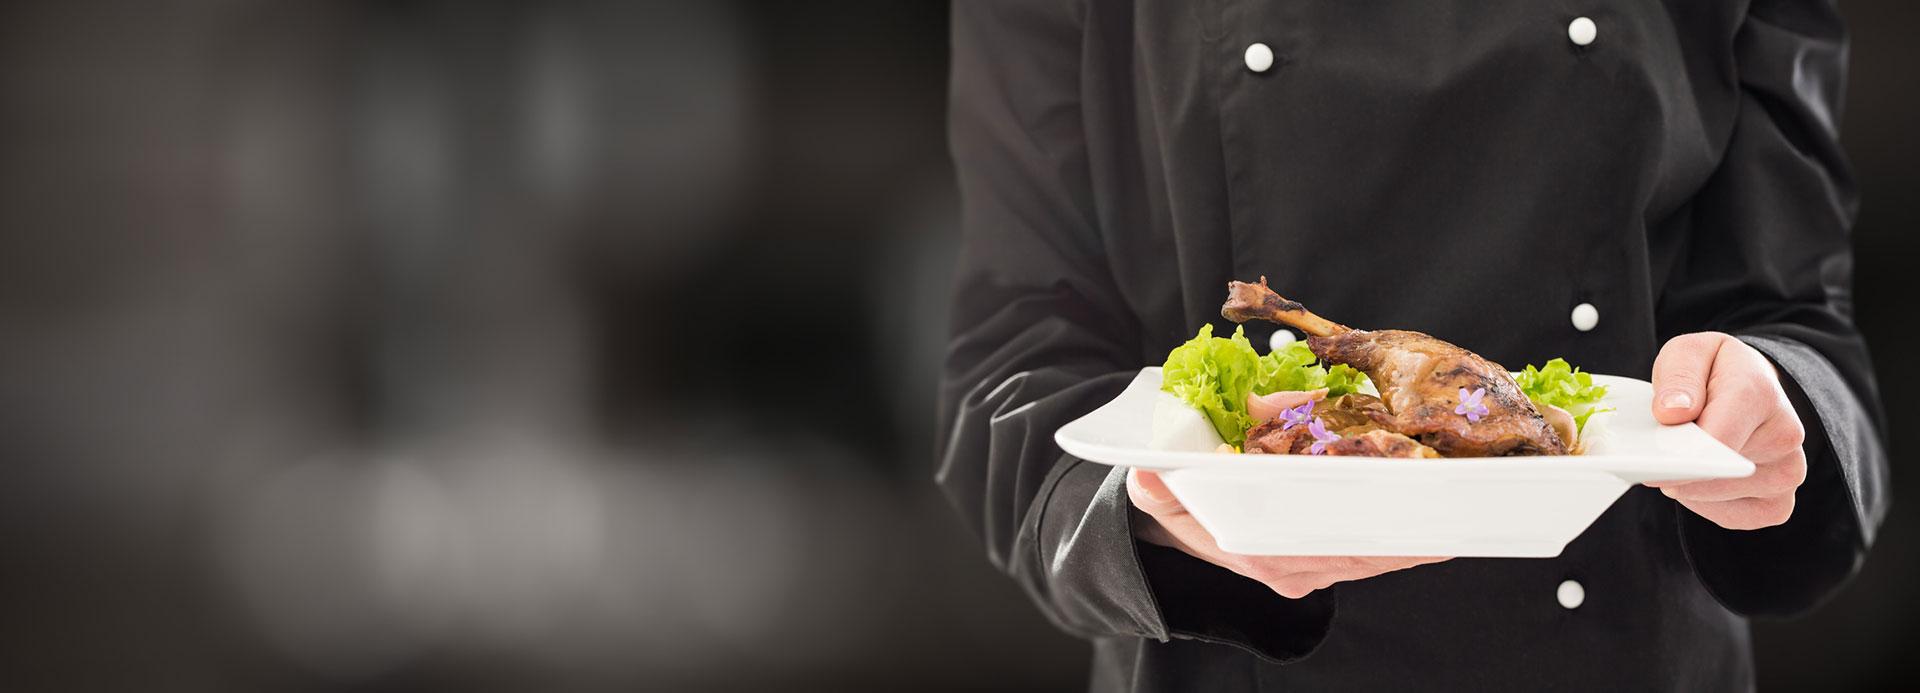 Koch - Gastroworld24 - Ihr Onlineshop für Gastronomiedarf